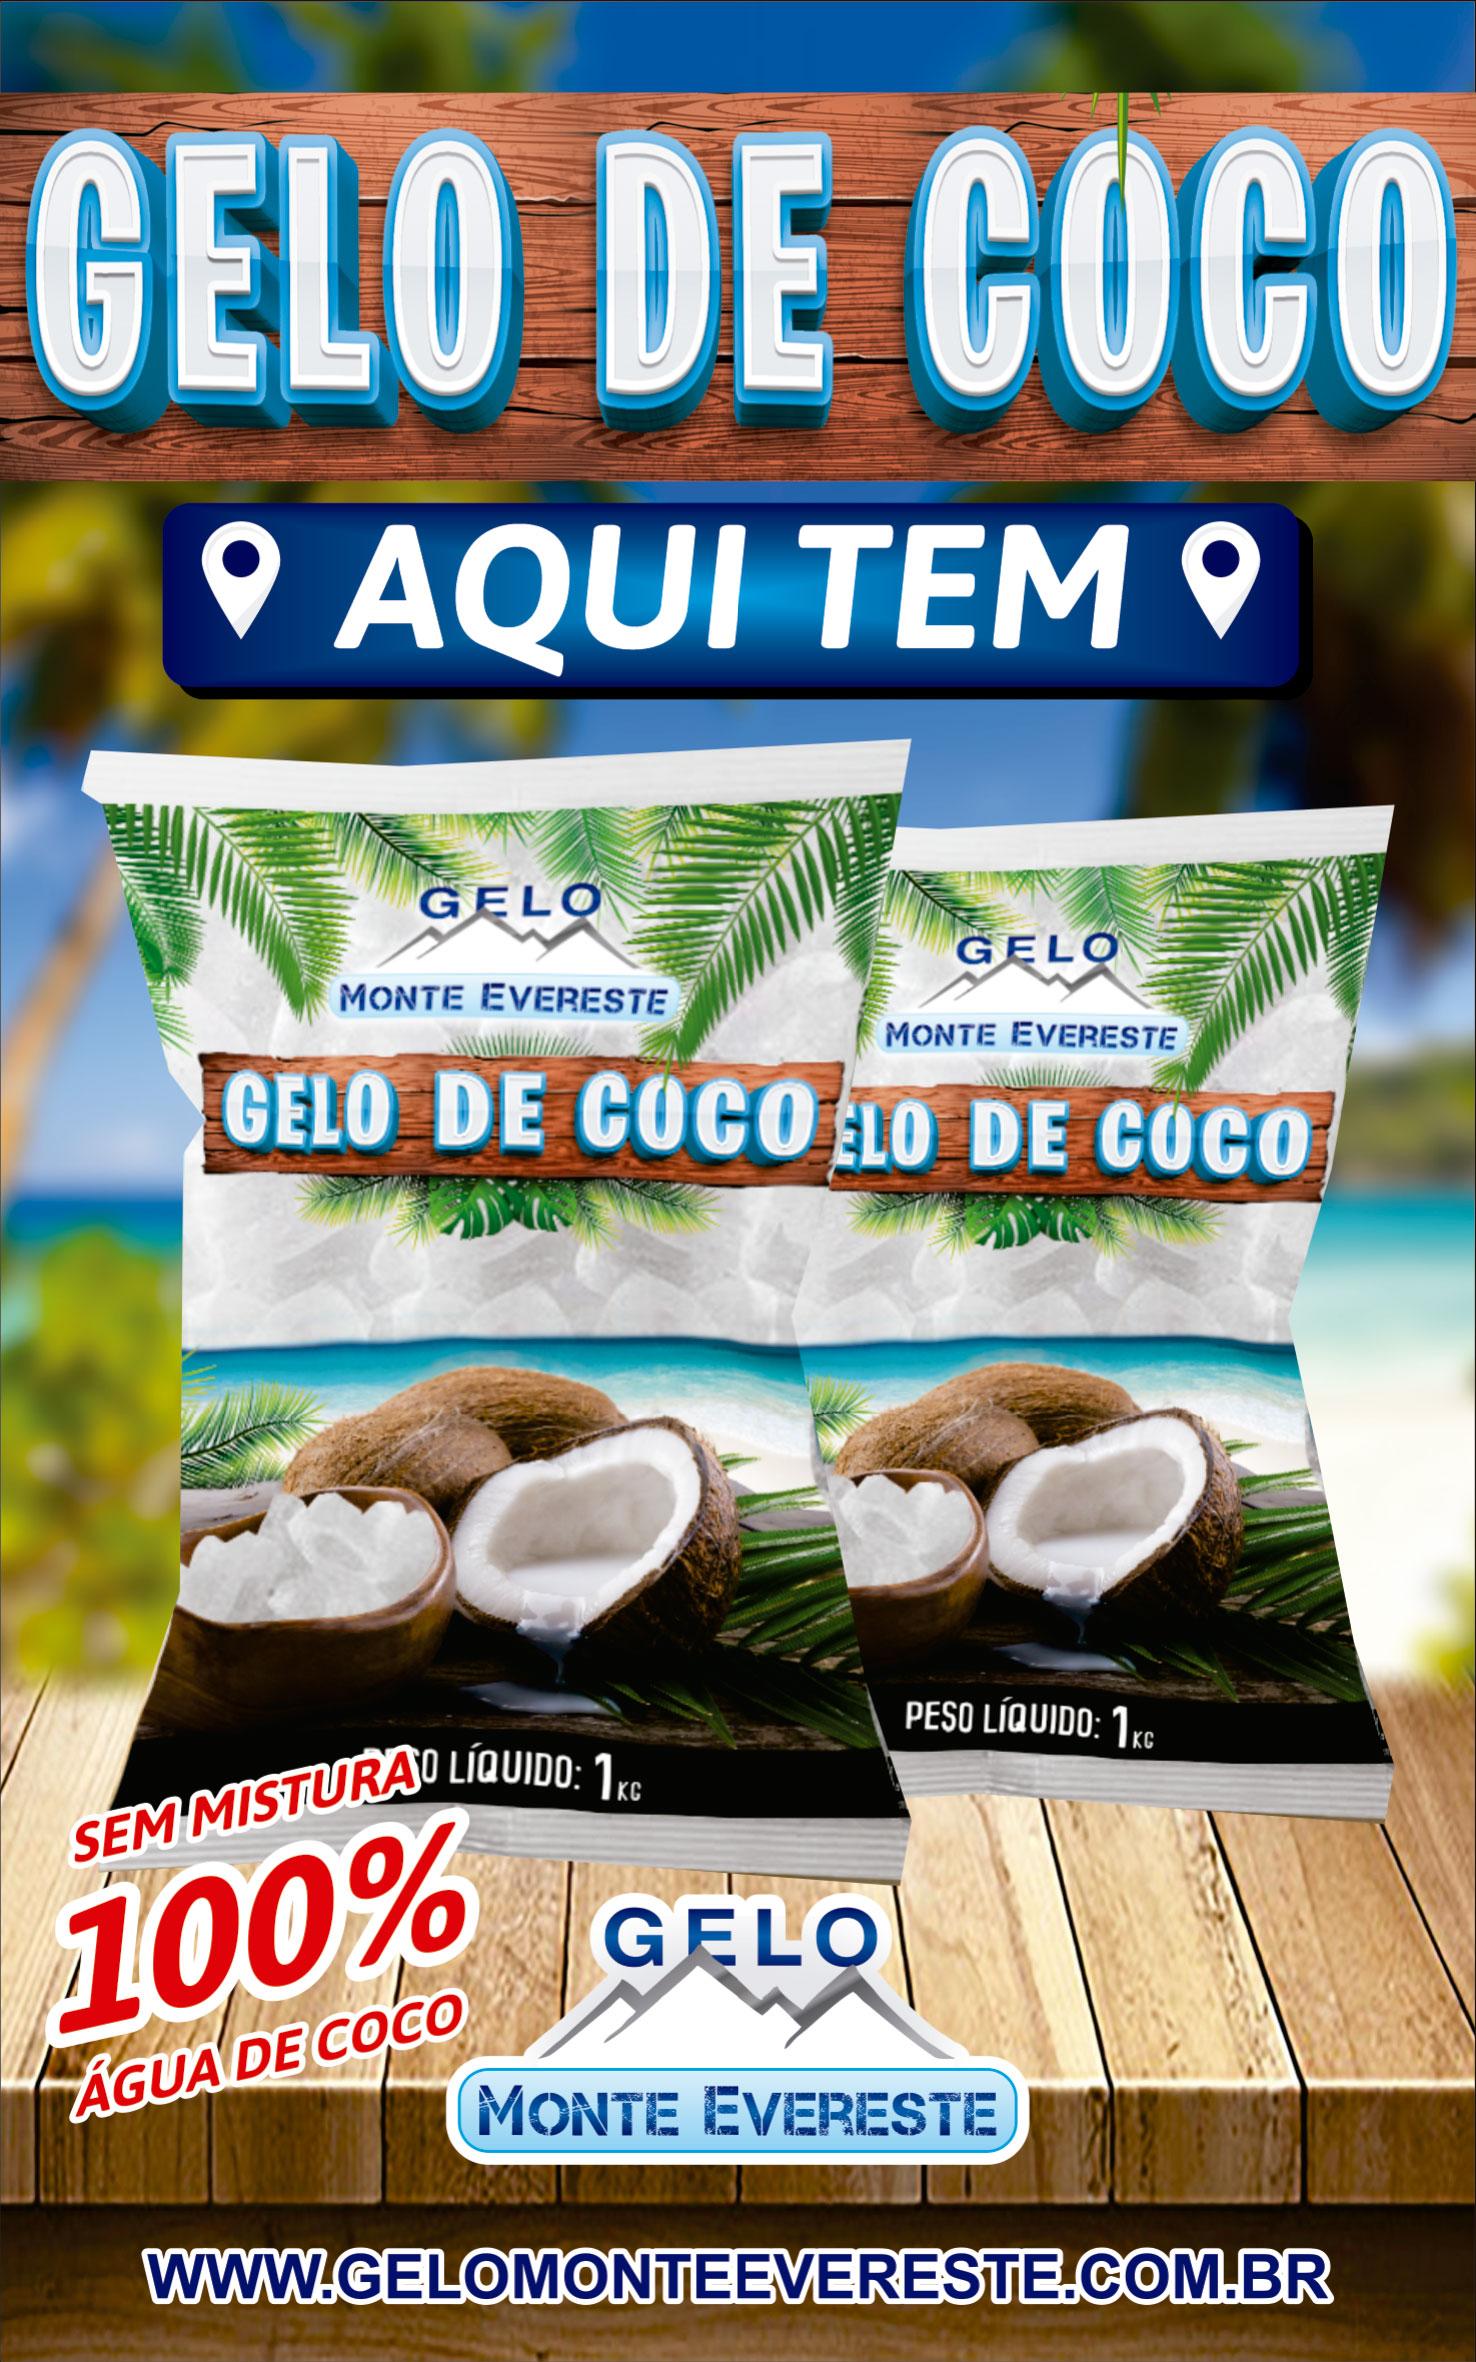 GELO DE COCO EM CURITIBA